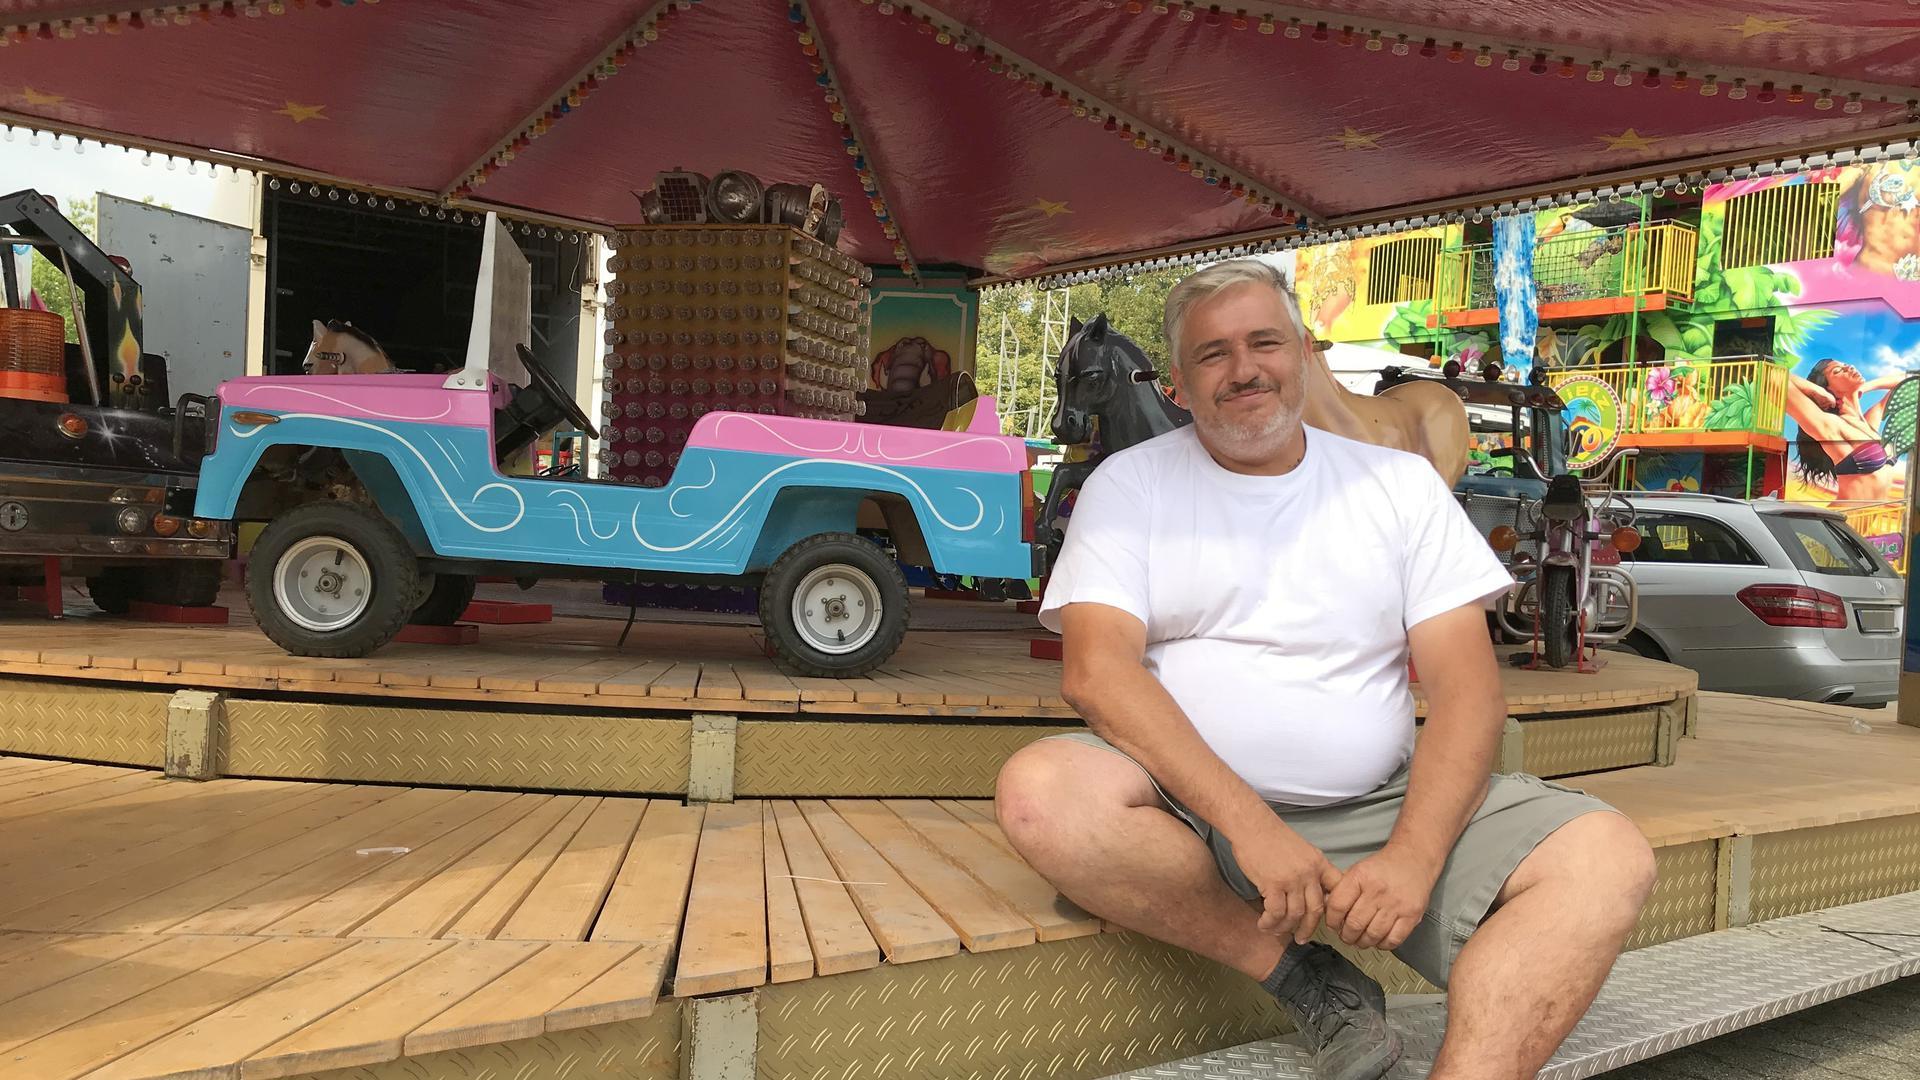 """Hugo Levy freut sich auf die Eröffnung: Beim Pop-Up-Freizeitpark in Gaggenau arbeiten zu können, tut nicht nur dem Geldbeutel der Schausteller gut, sondern auch ihrer Seele. """"Das ist kein Beruf, das ist eine Lebenseinstellung"""", sagt er gerne."""